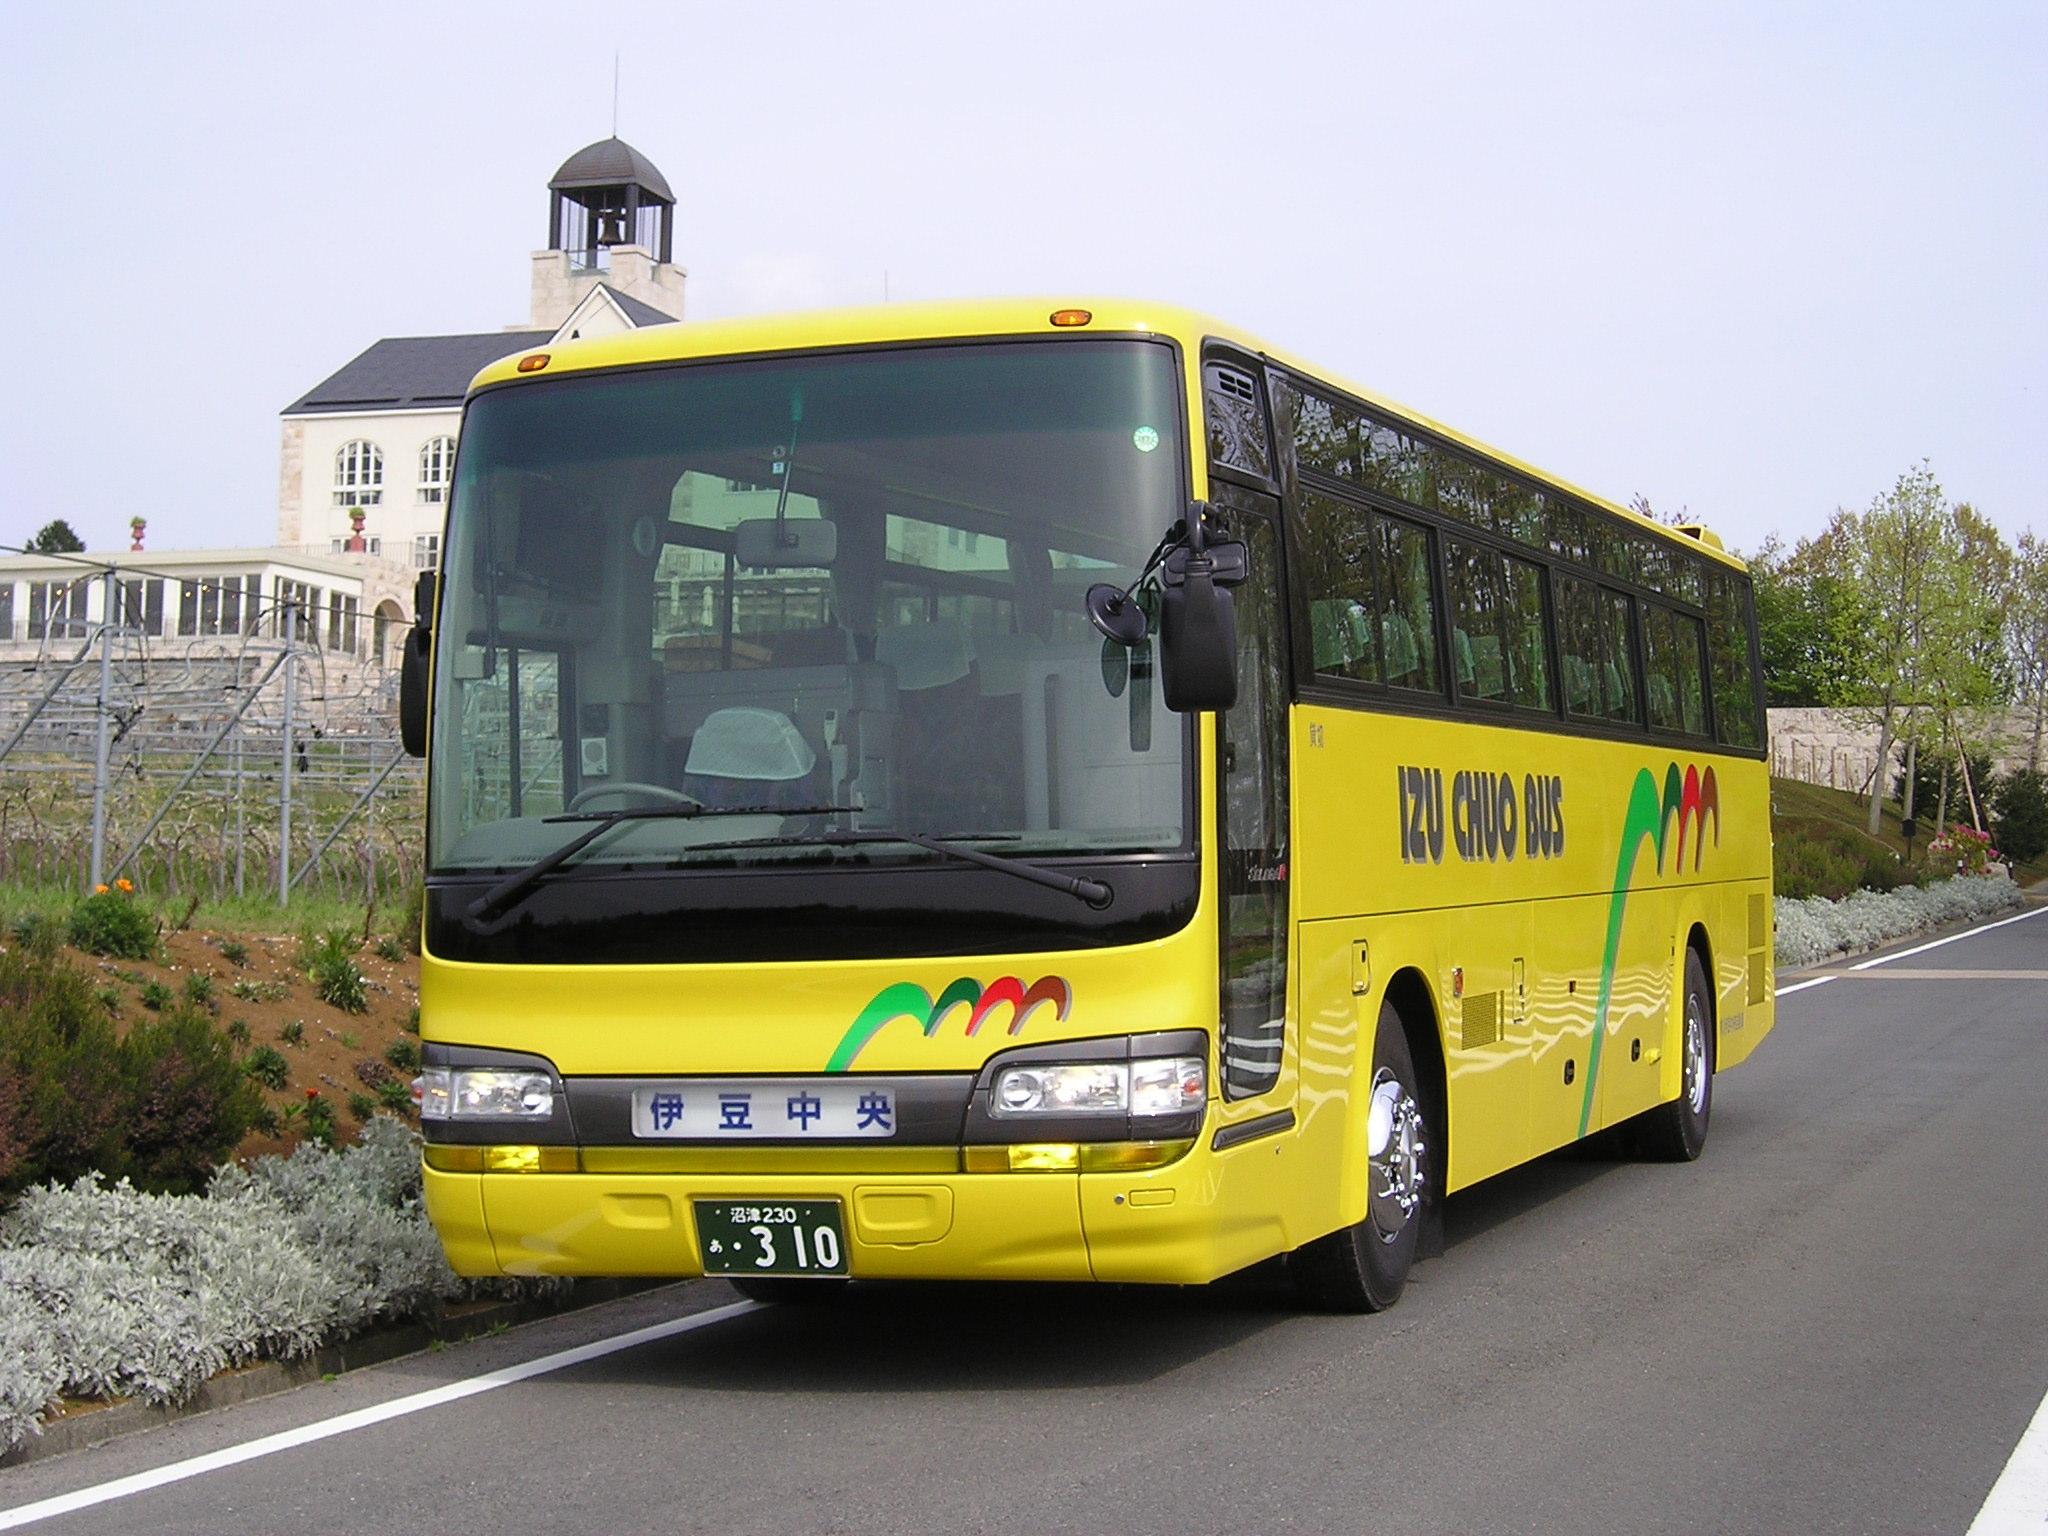 バスの画像をクリックすると詳しい内容が表示されます。 ■伊豆中央バス 車種・装備一覧■ ※車種を